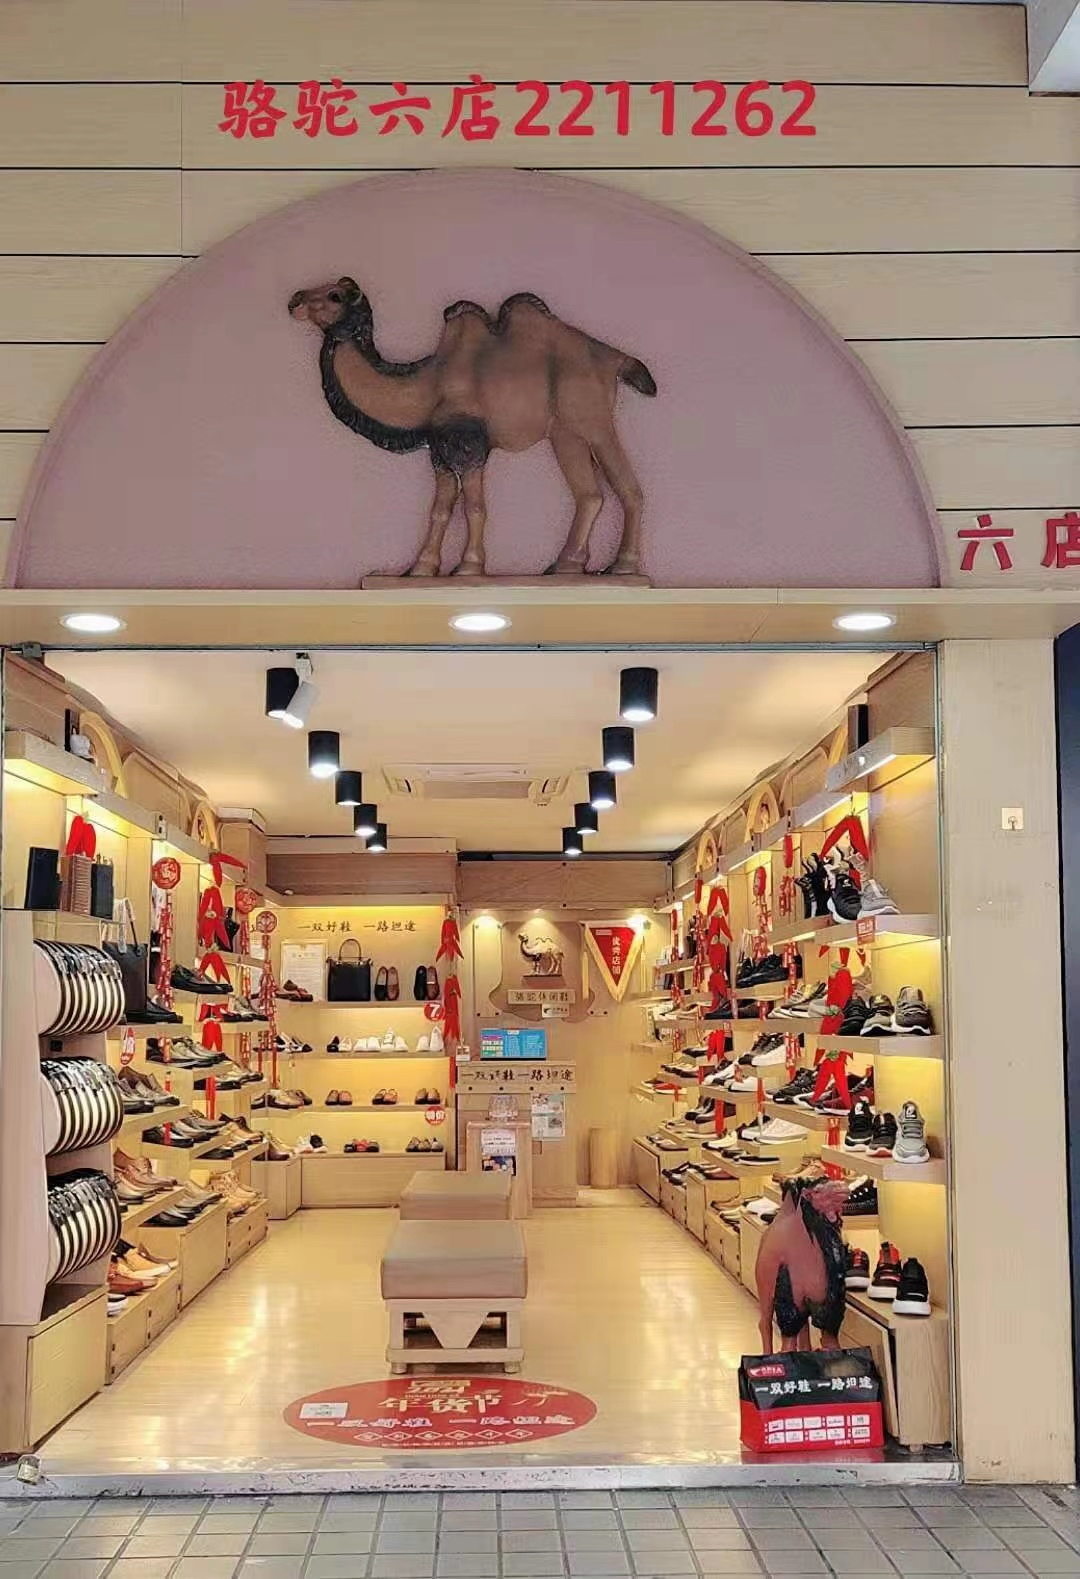 金凯翔工贸有限公司,龙岩时尚休闲鞋,骆驼休闲鞋